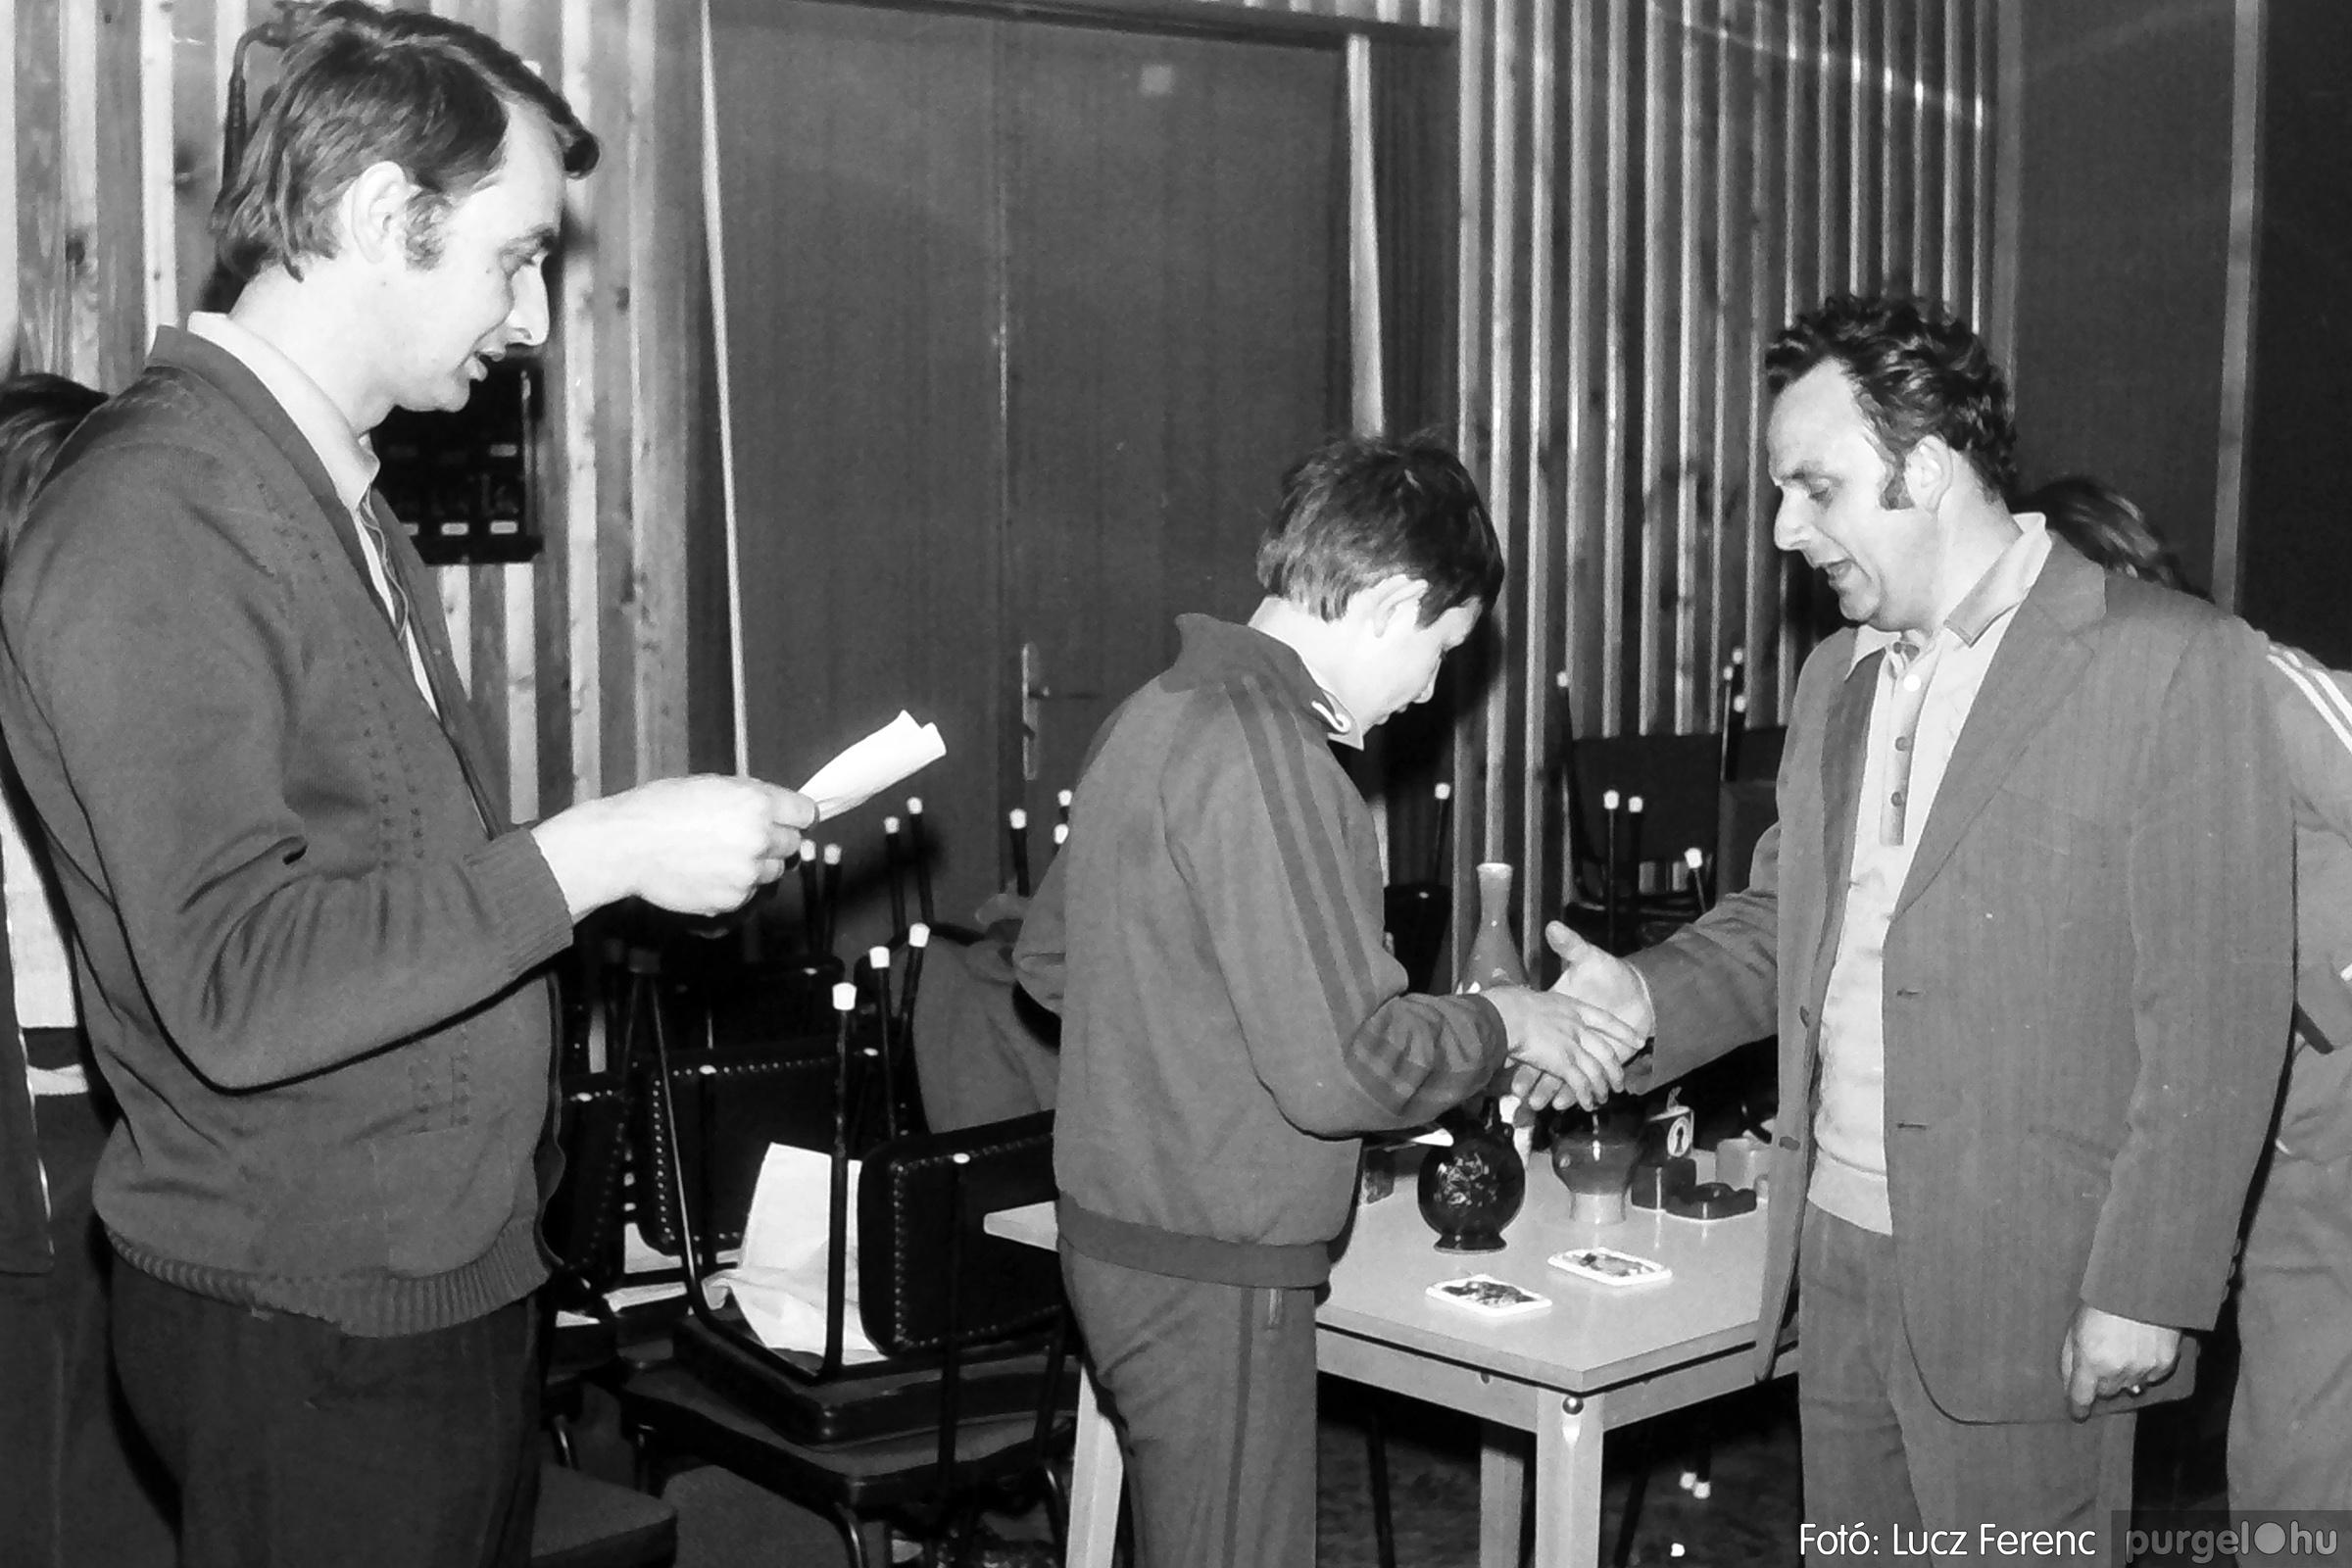 073. 1977. Asztaltenisz verseny 019. - Fotó: Lucz Ferenc.jpg